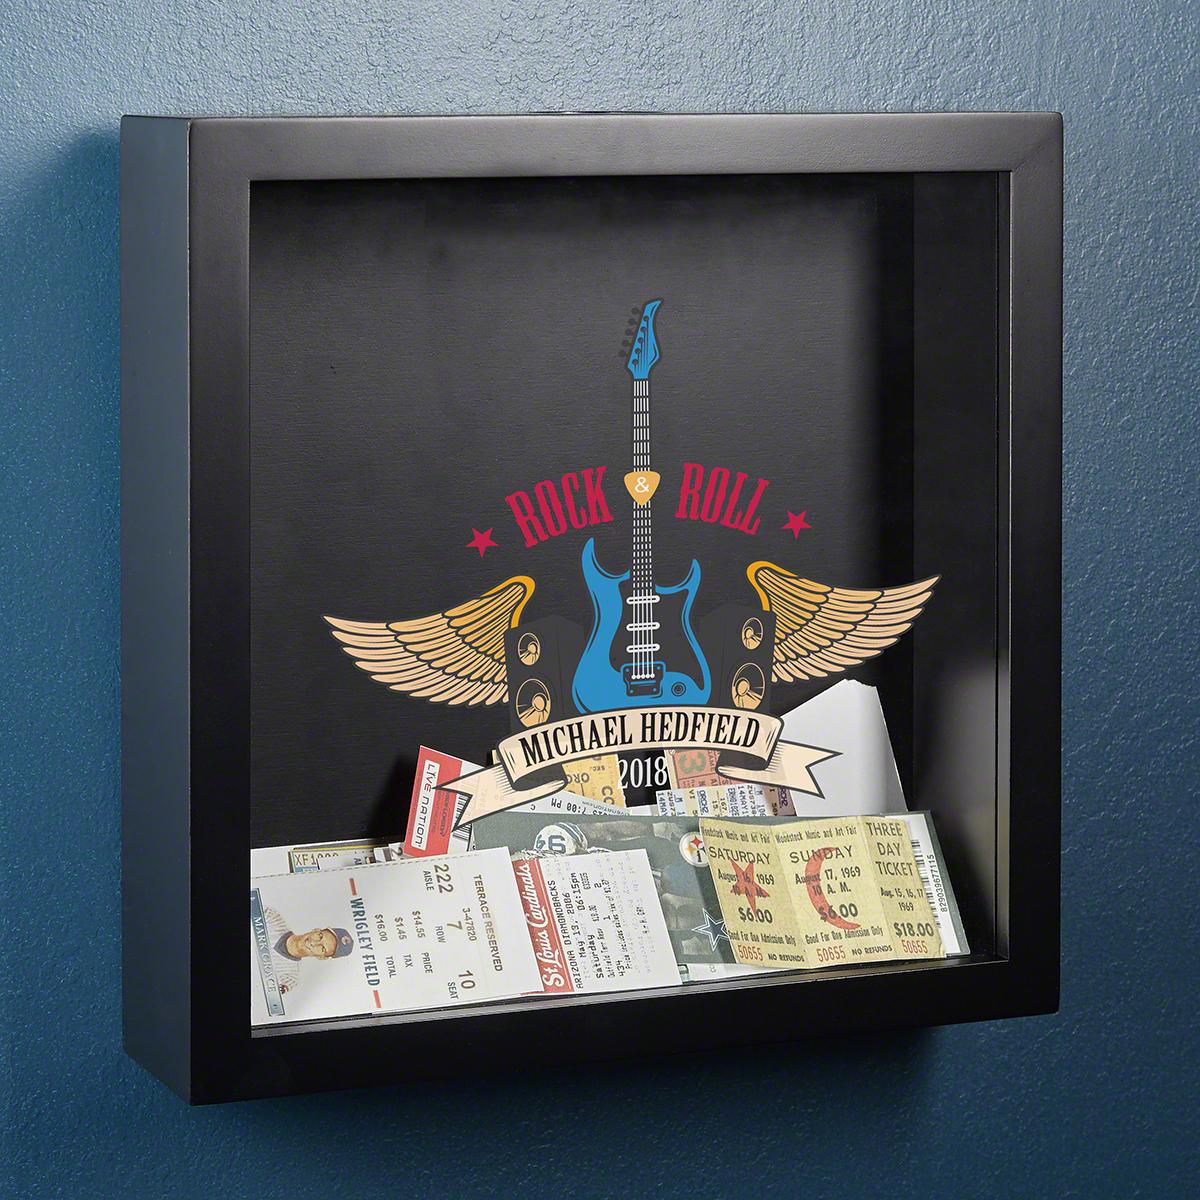 Rock & Roll Custom Concert Ticket Display Case